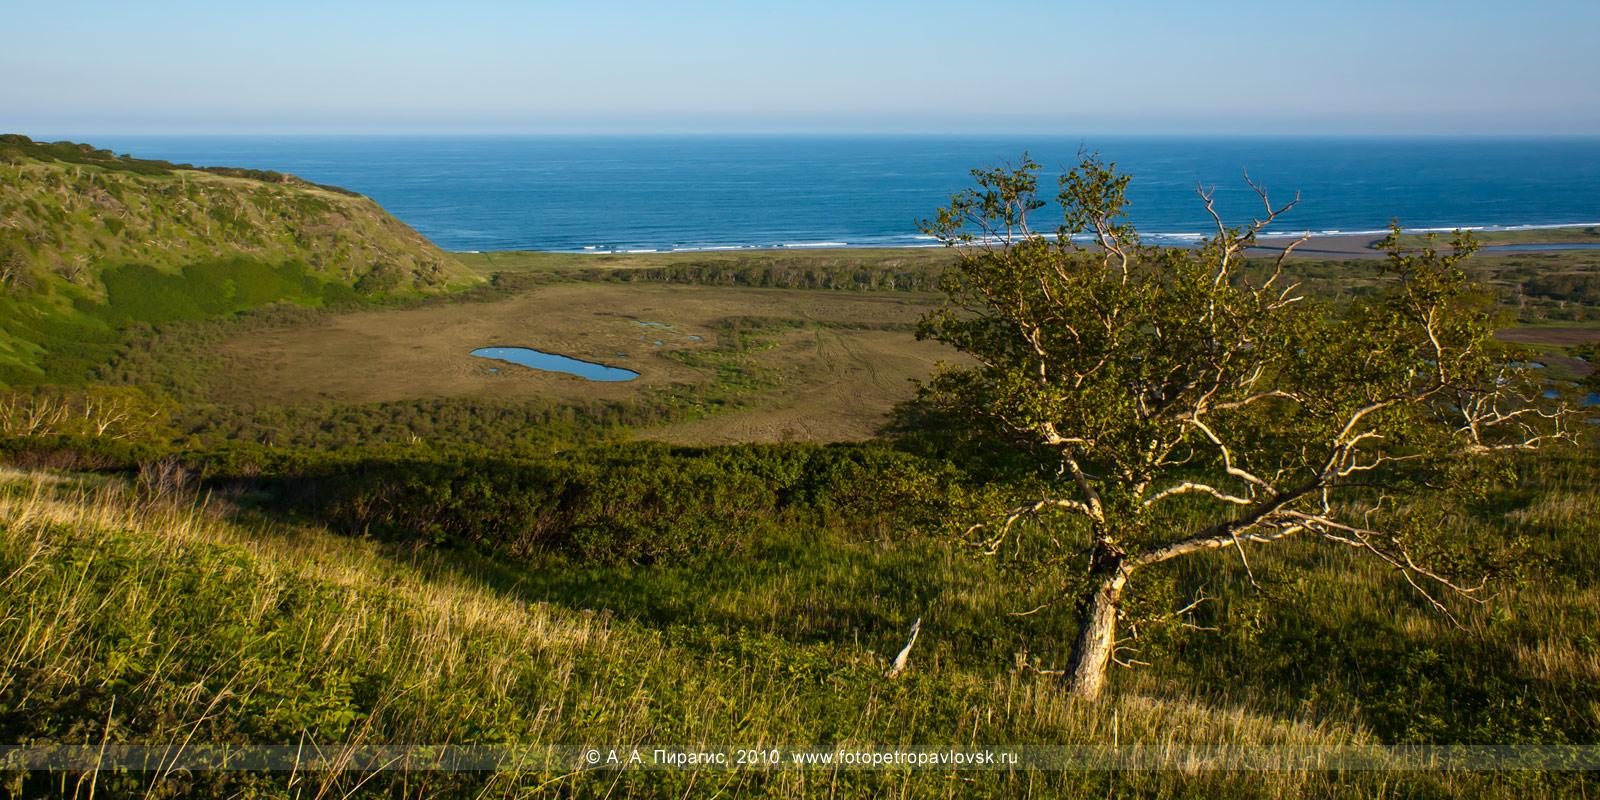 Фотография: панорама — берег Тихого океана (Авачинский залив), район озера Приливного в окрестностях Петропавловска-Камчатского